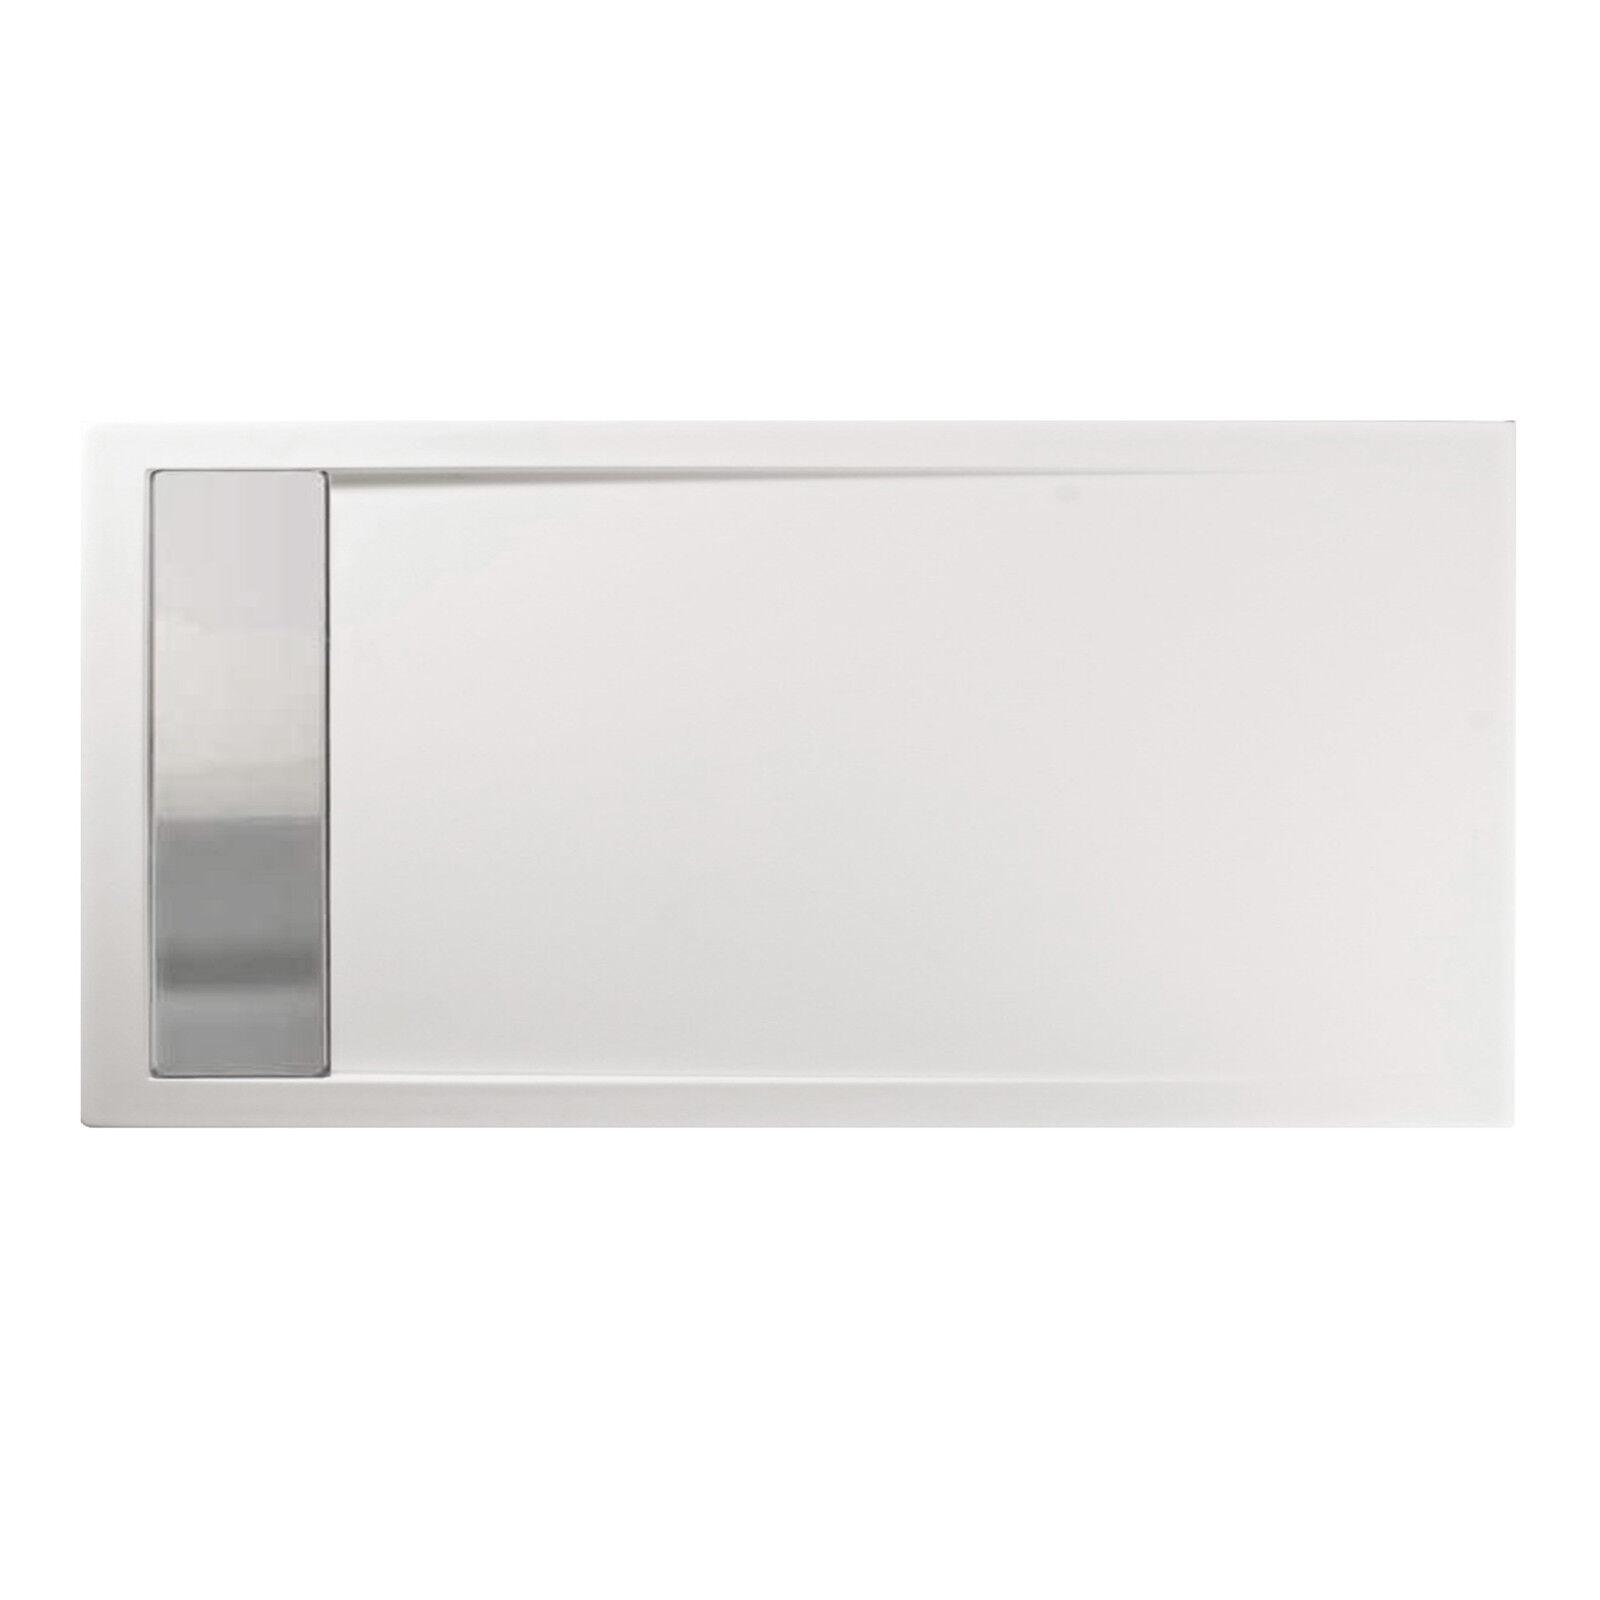 Piatto Piatto Piatto doccia 160 x 80 cm bianco acrilico rinforzato con canalina acciaio 6b95e5